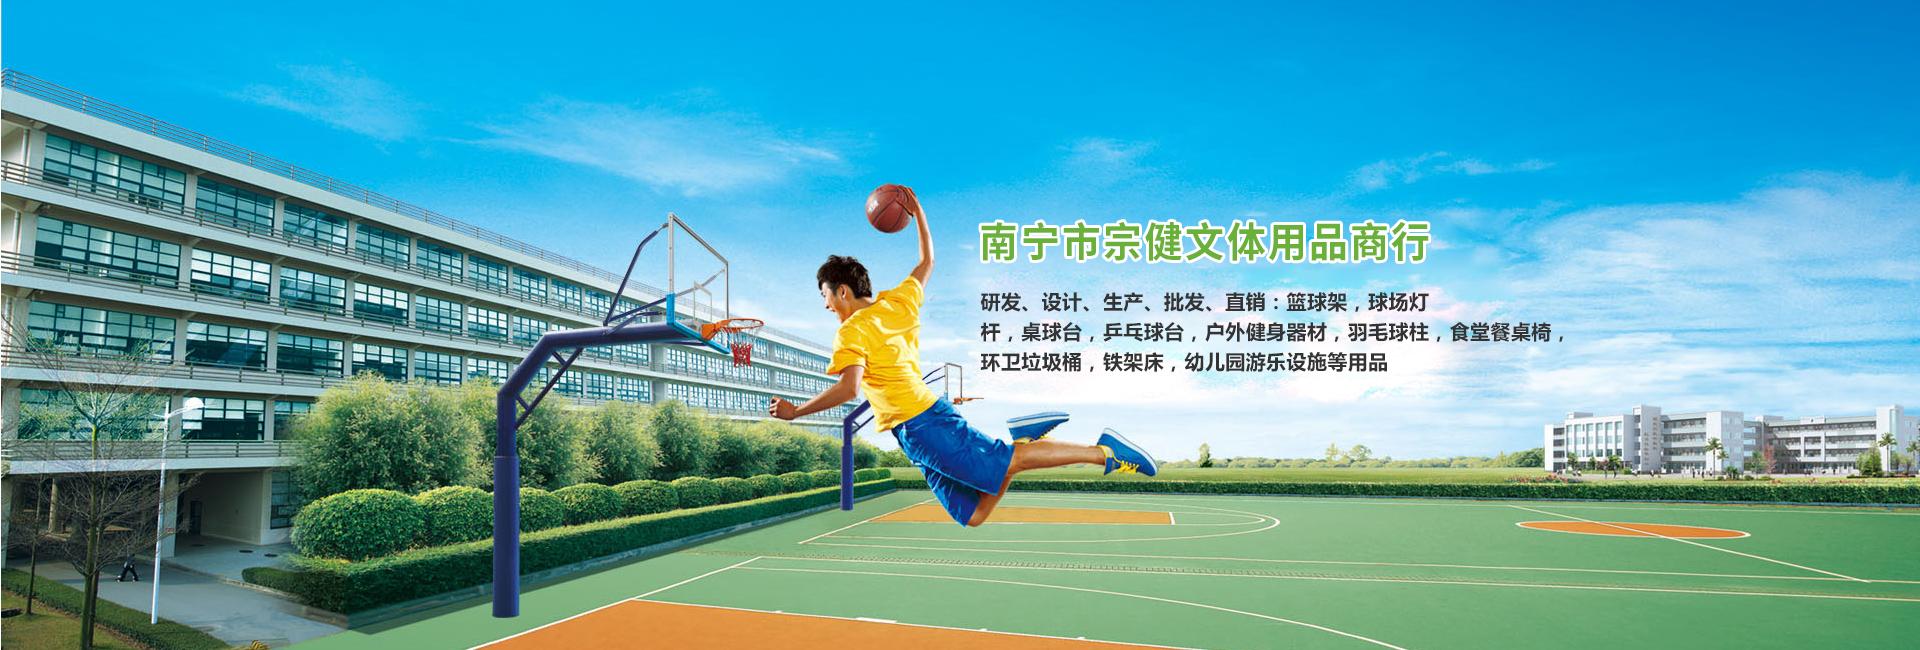 南宁篮球架厂家,南宁篮球架,南宁篮球架价格